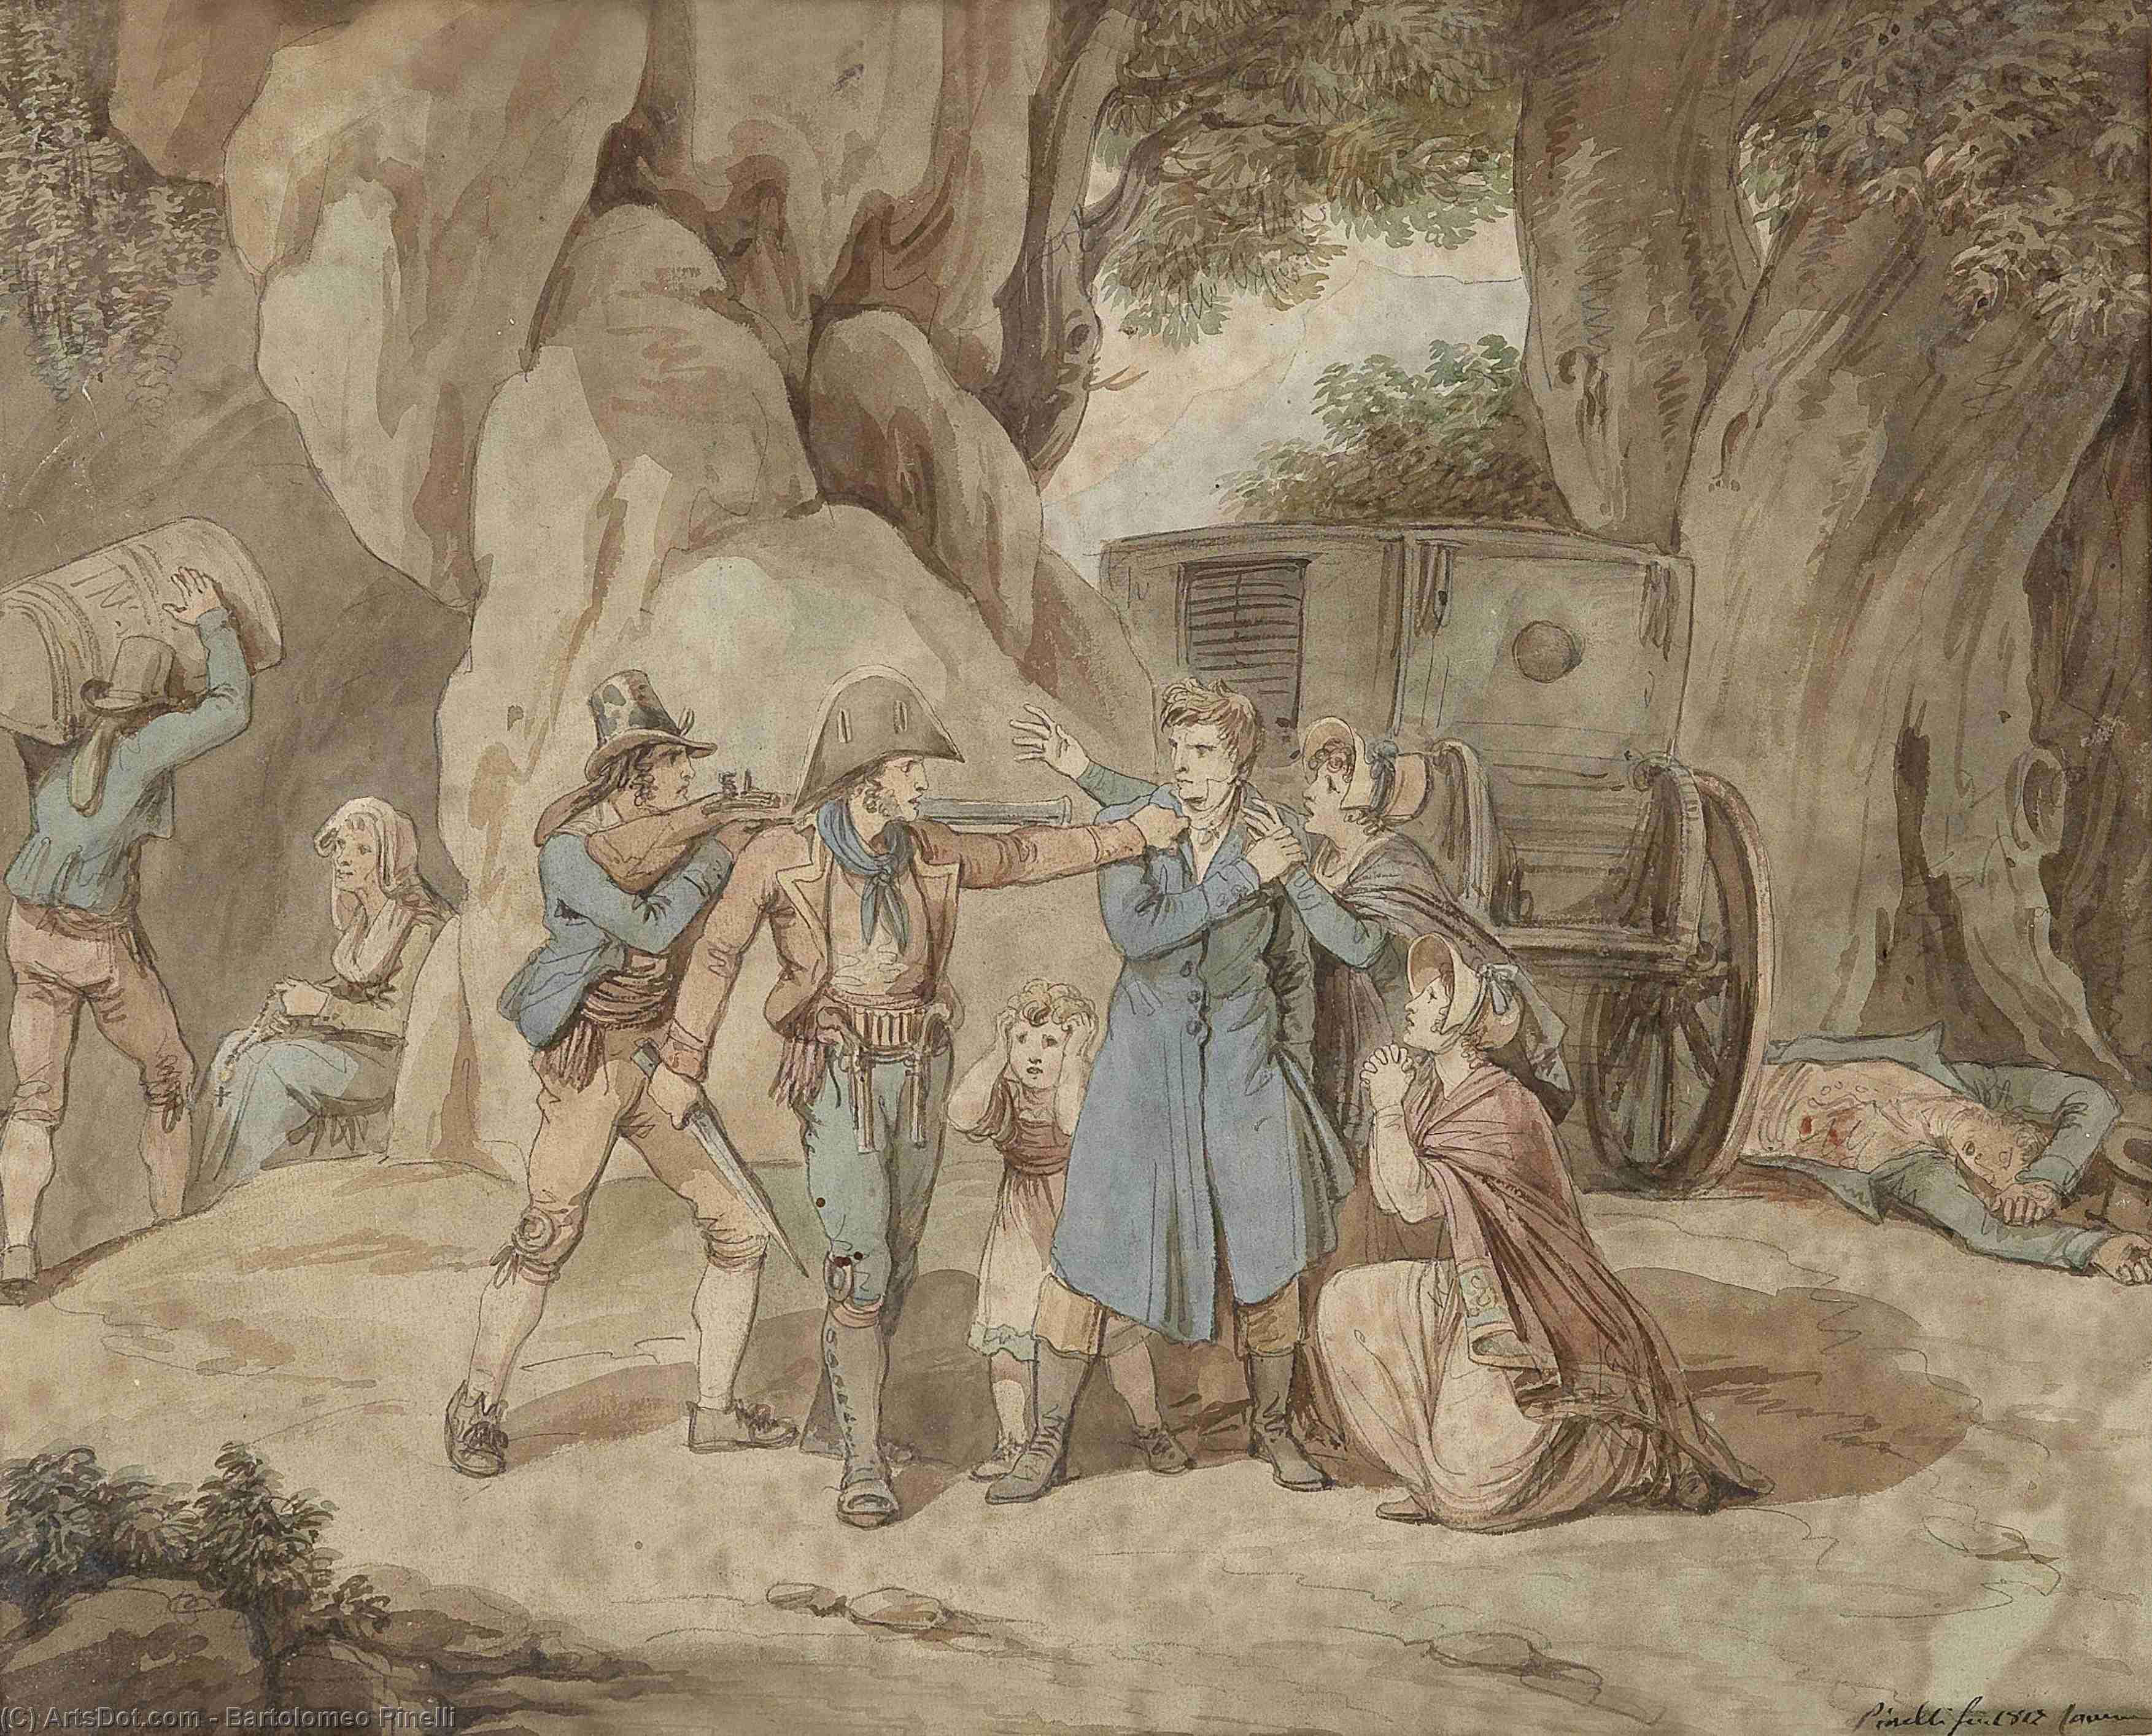 Wikioo.org – La Enciclopedia de las Bellas Artes - Pintura, Obras de arte de Bartolomeo Pinelli - Ladrones atacado  Un  familia